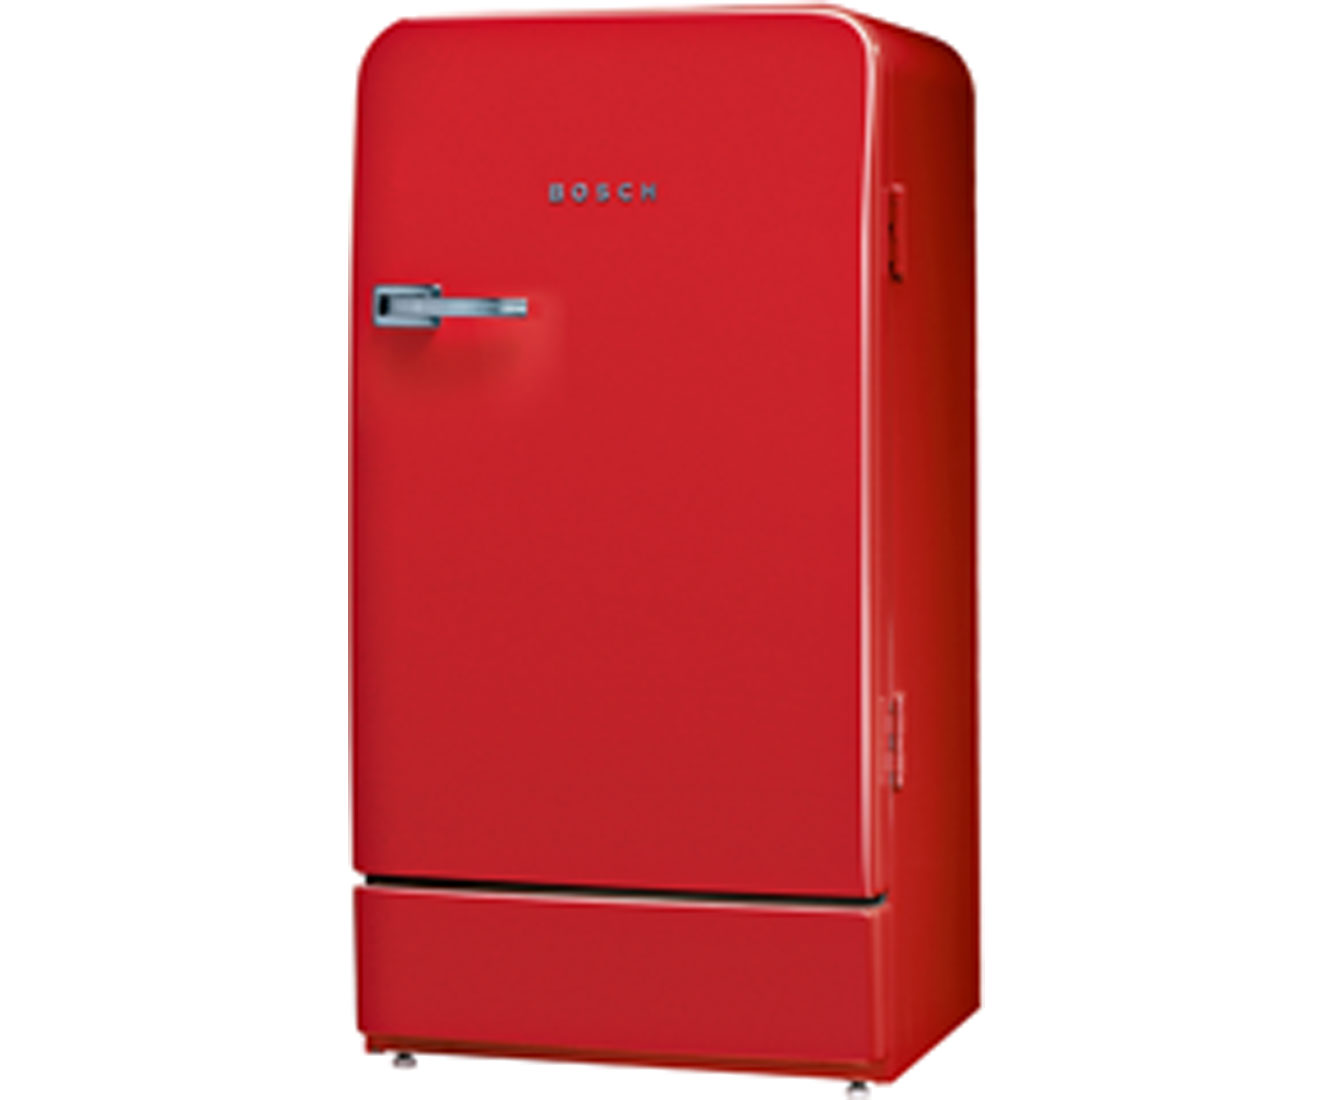 Aeg Kühlschrank Rfb52412ax : Kühlschrank edelstahl freistehend freistehende kühlschrank